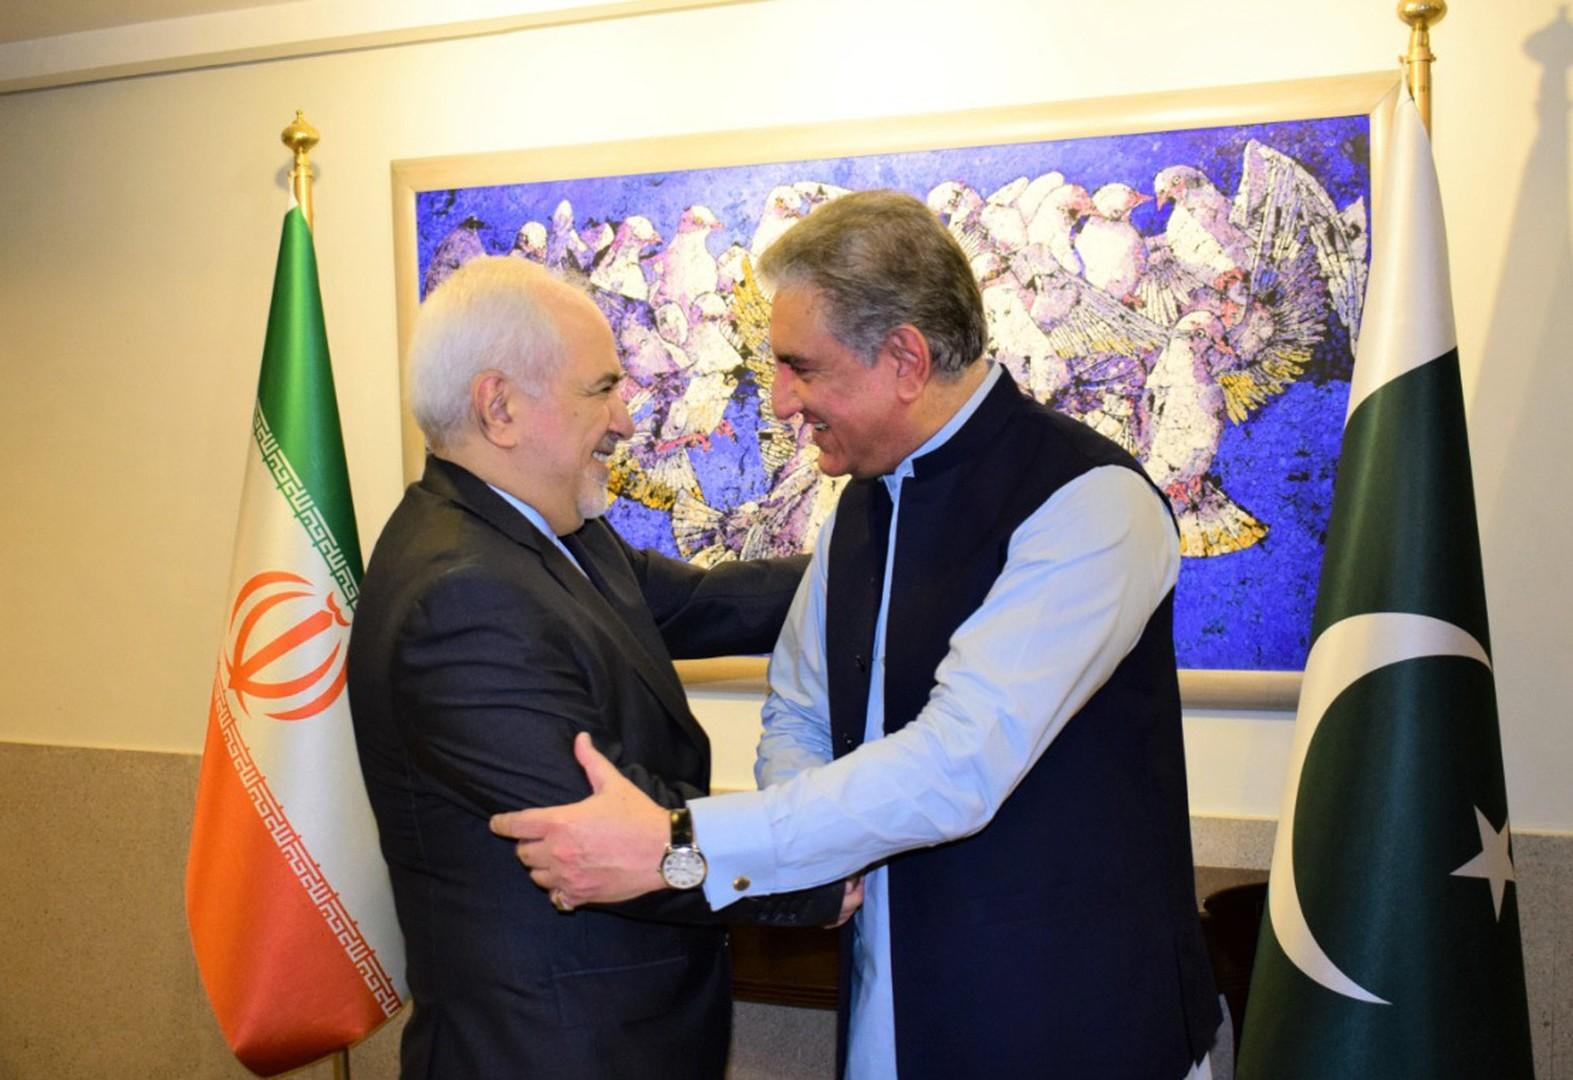 ظريف يحذر في باكستان من فوضى إقليمية وتوقع بزيارته العراق غدا